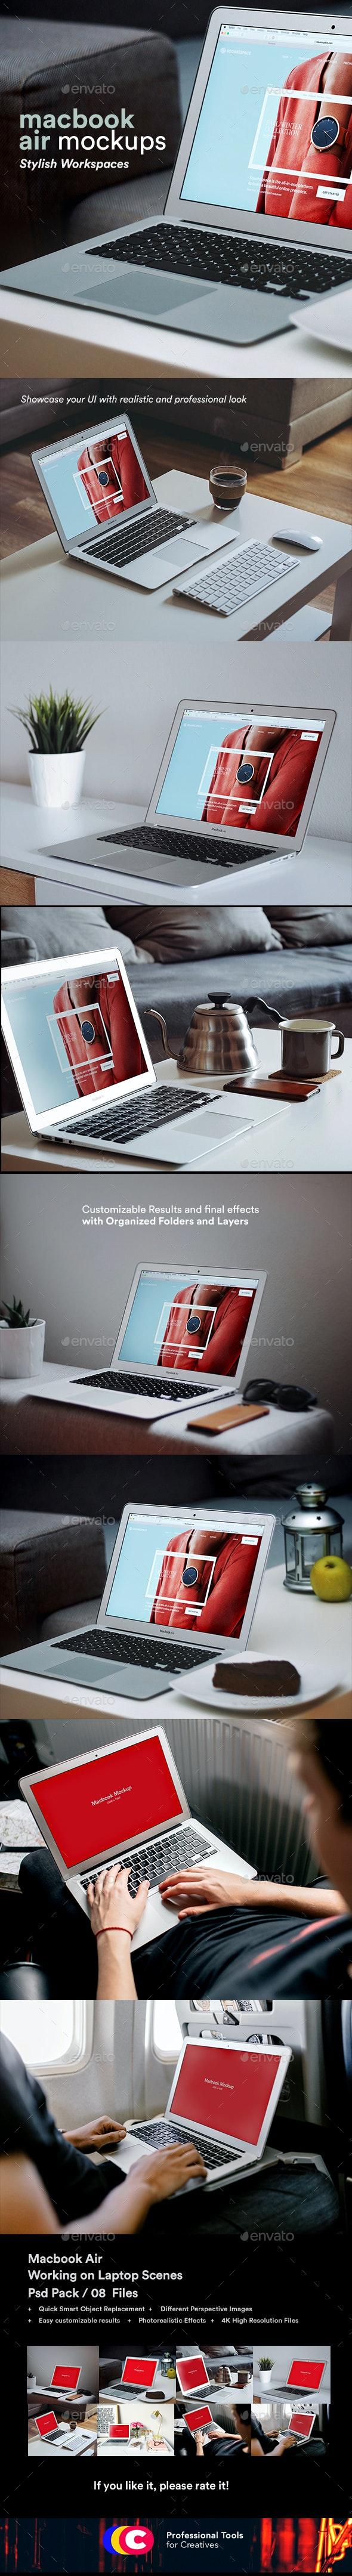 Laptop Mock-Up Psd 8 - Laptop Displays